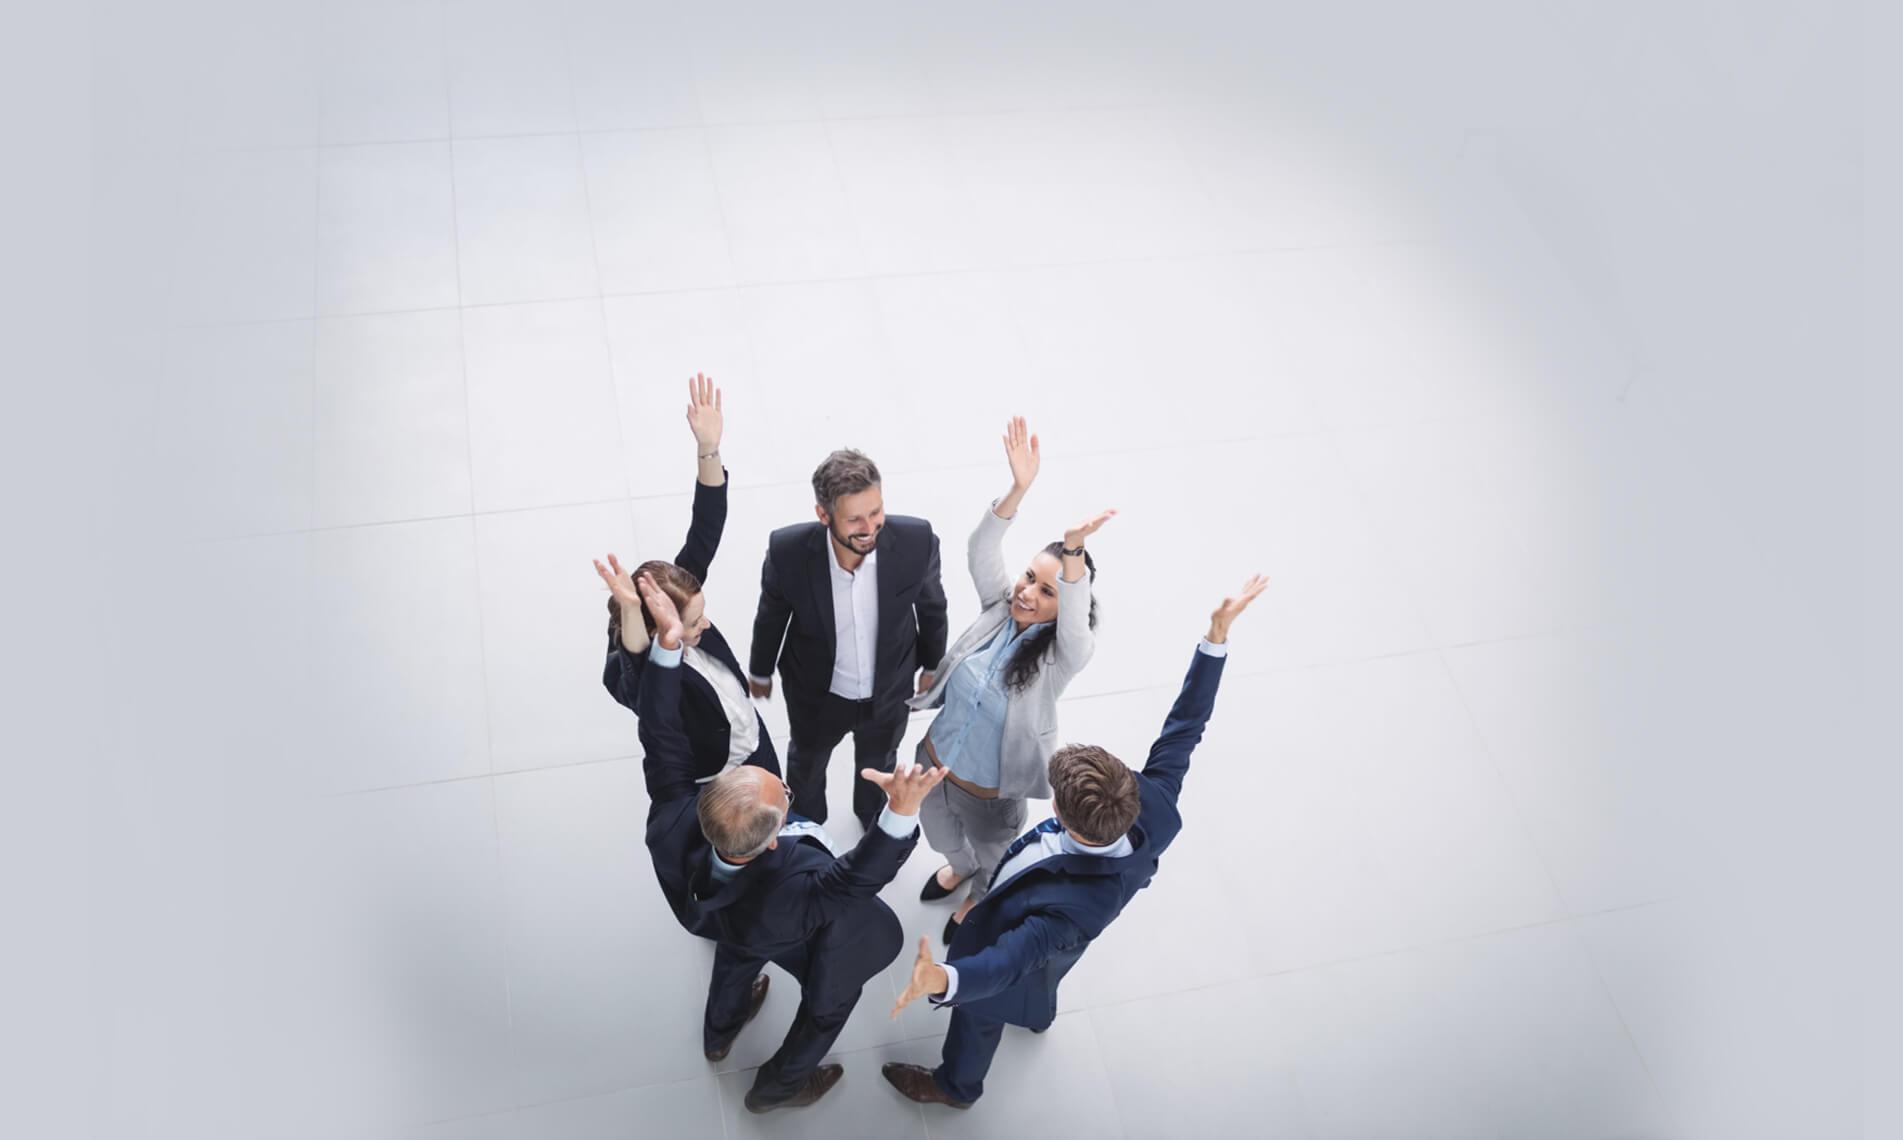 Bölge Saha Satış ve Pazarlamada Başarılı Olmanın 5 Yolu